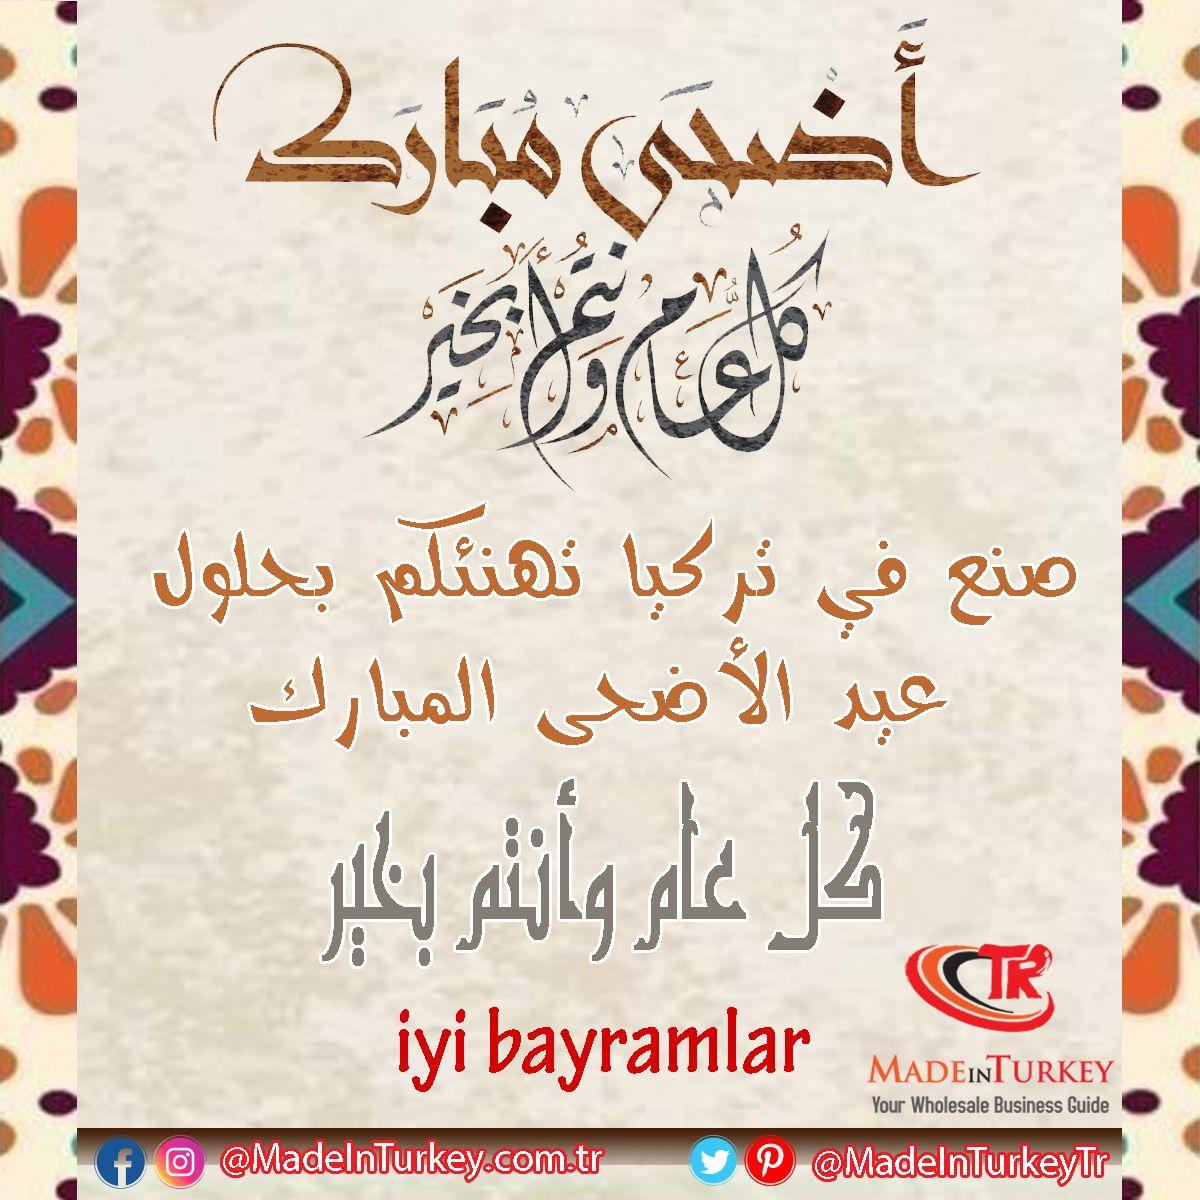 أضحى مبارك صنع في تركيا تهنئكم بحلول عيد الأضحى المبارك كل عام وأنتم بخير Iyi Bayramlar Madeinturkey Com Tr Madei Calligraphy Arabic Calligraphy Tri